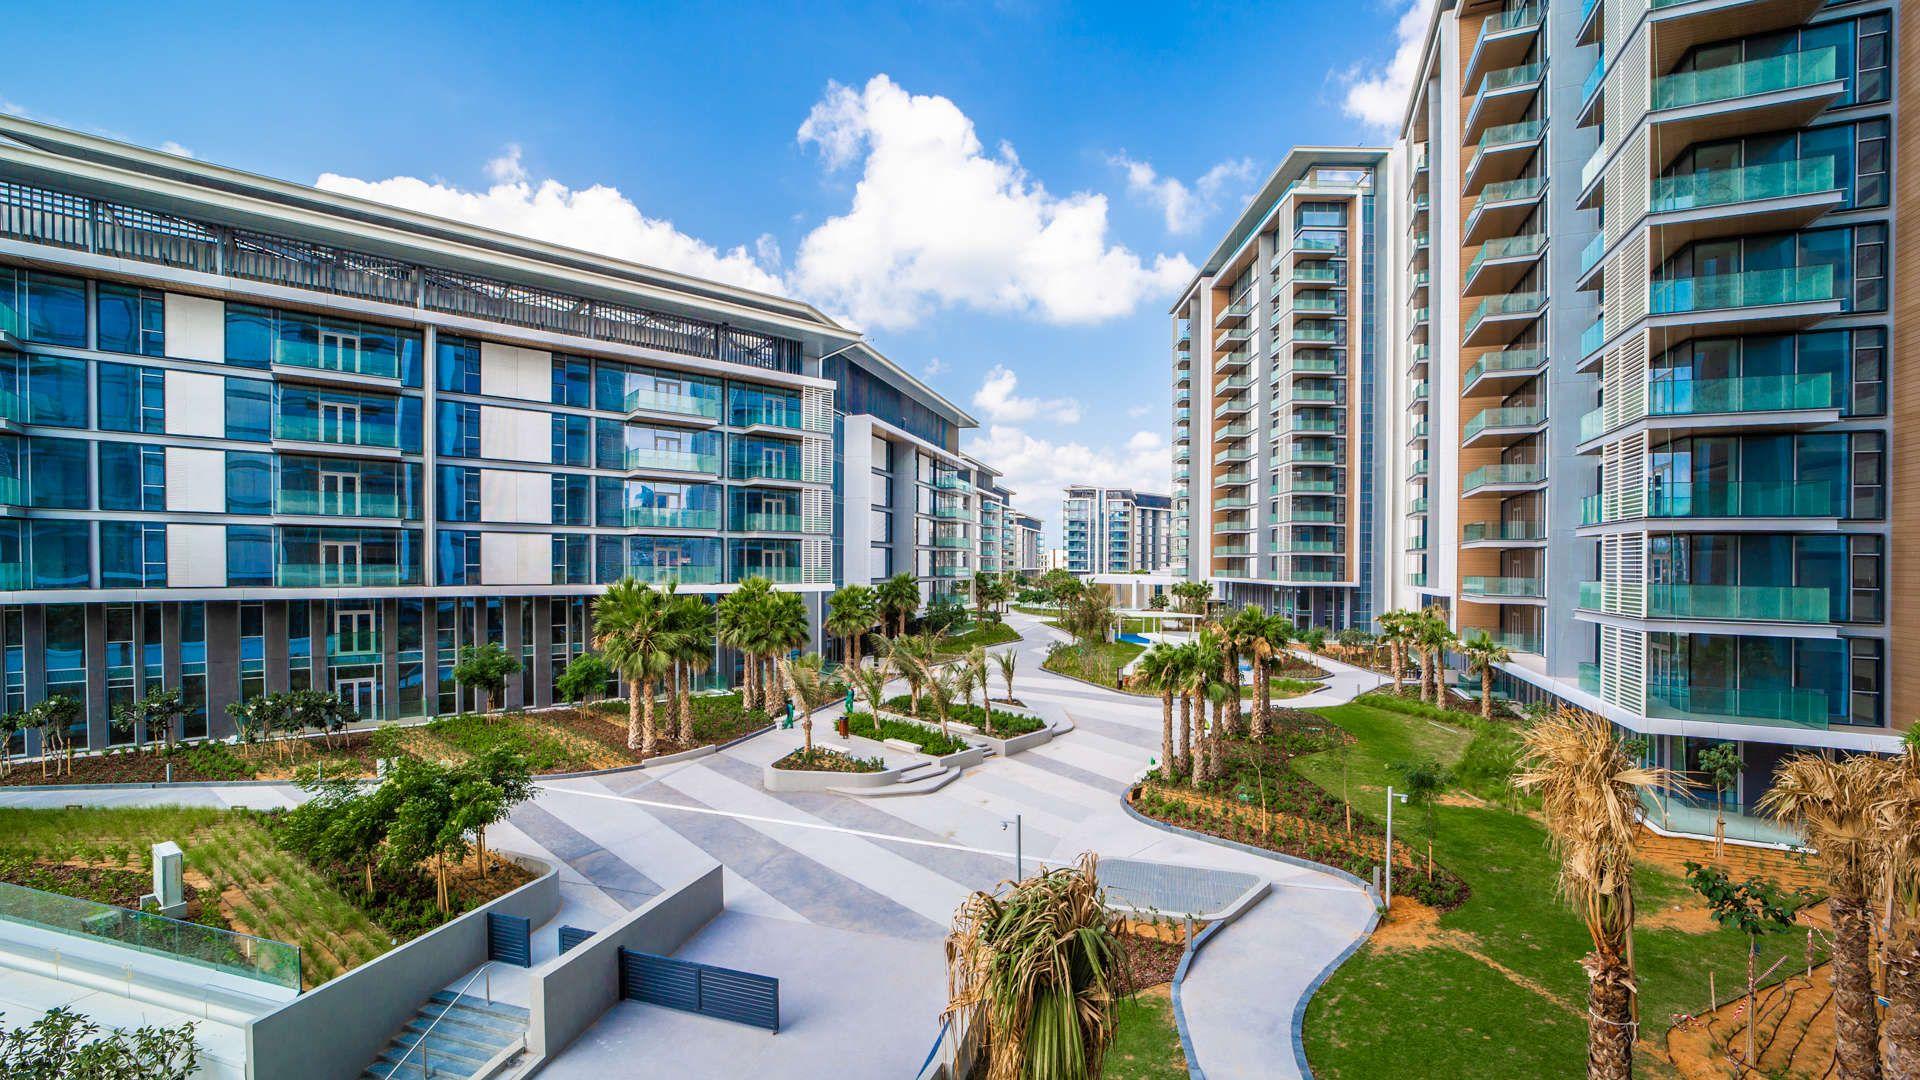 Apartamento en venta en Dubai, EAU, 5 dormitorios, 874 m2, № 24031 – foto 2